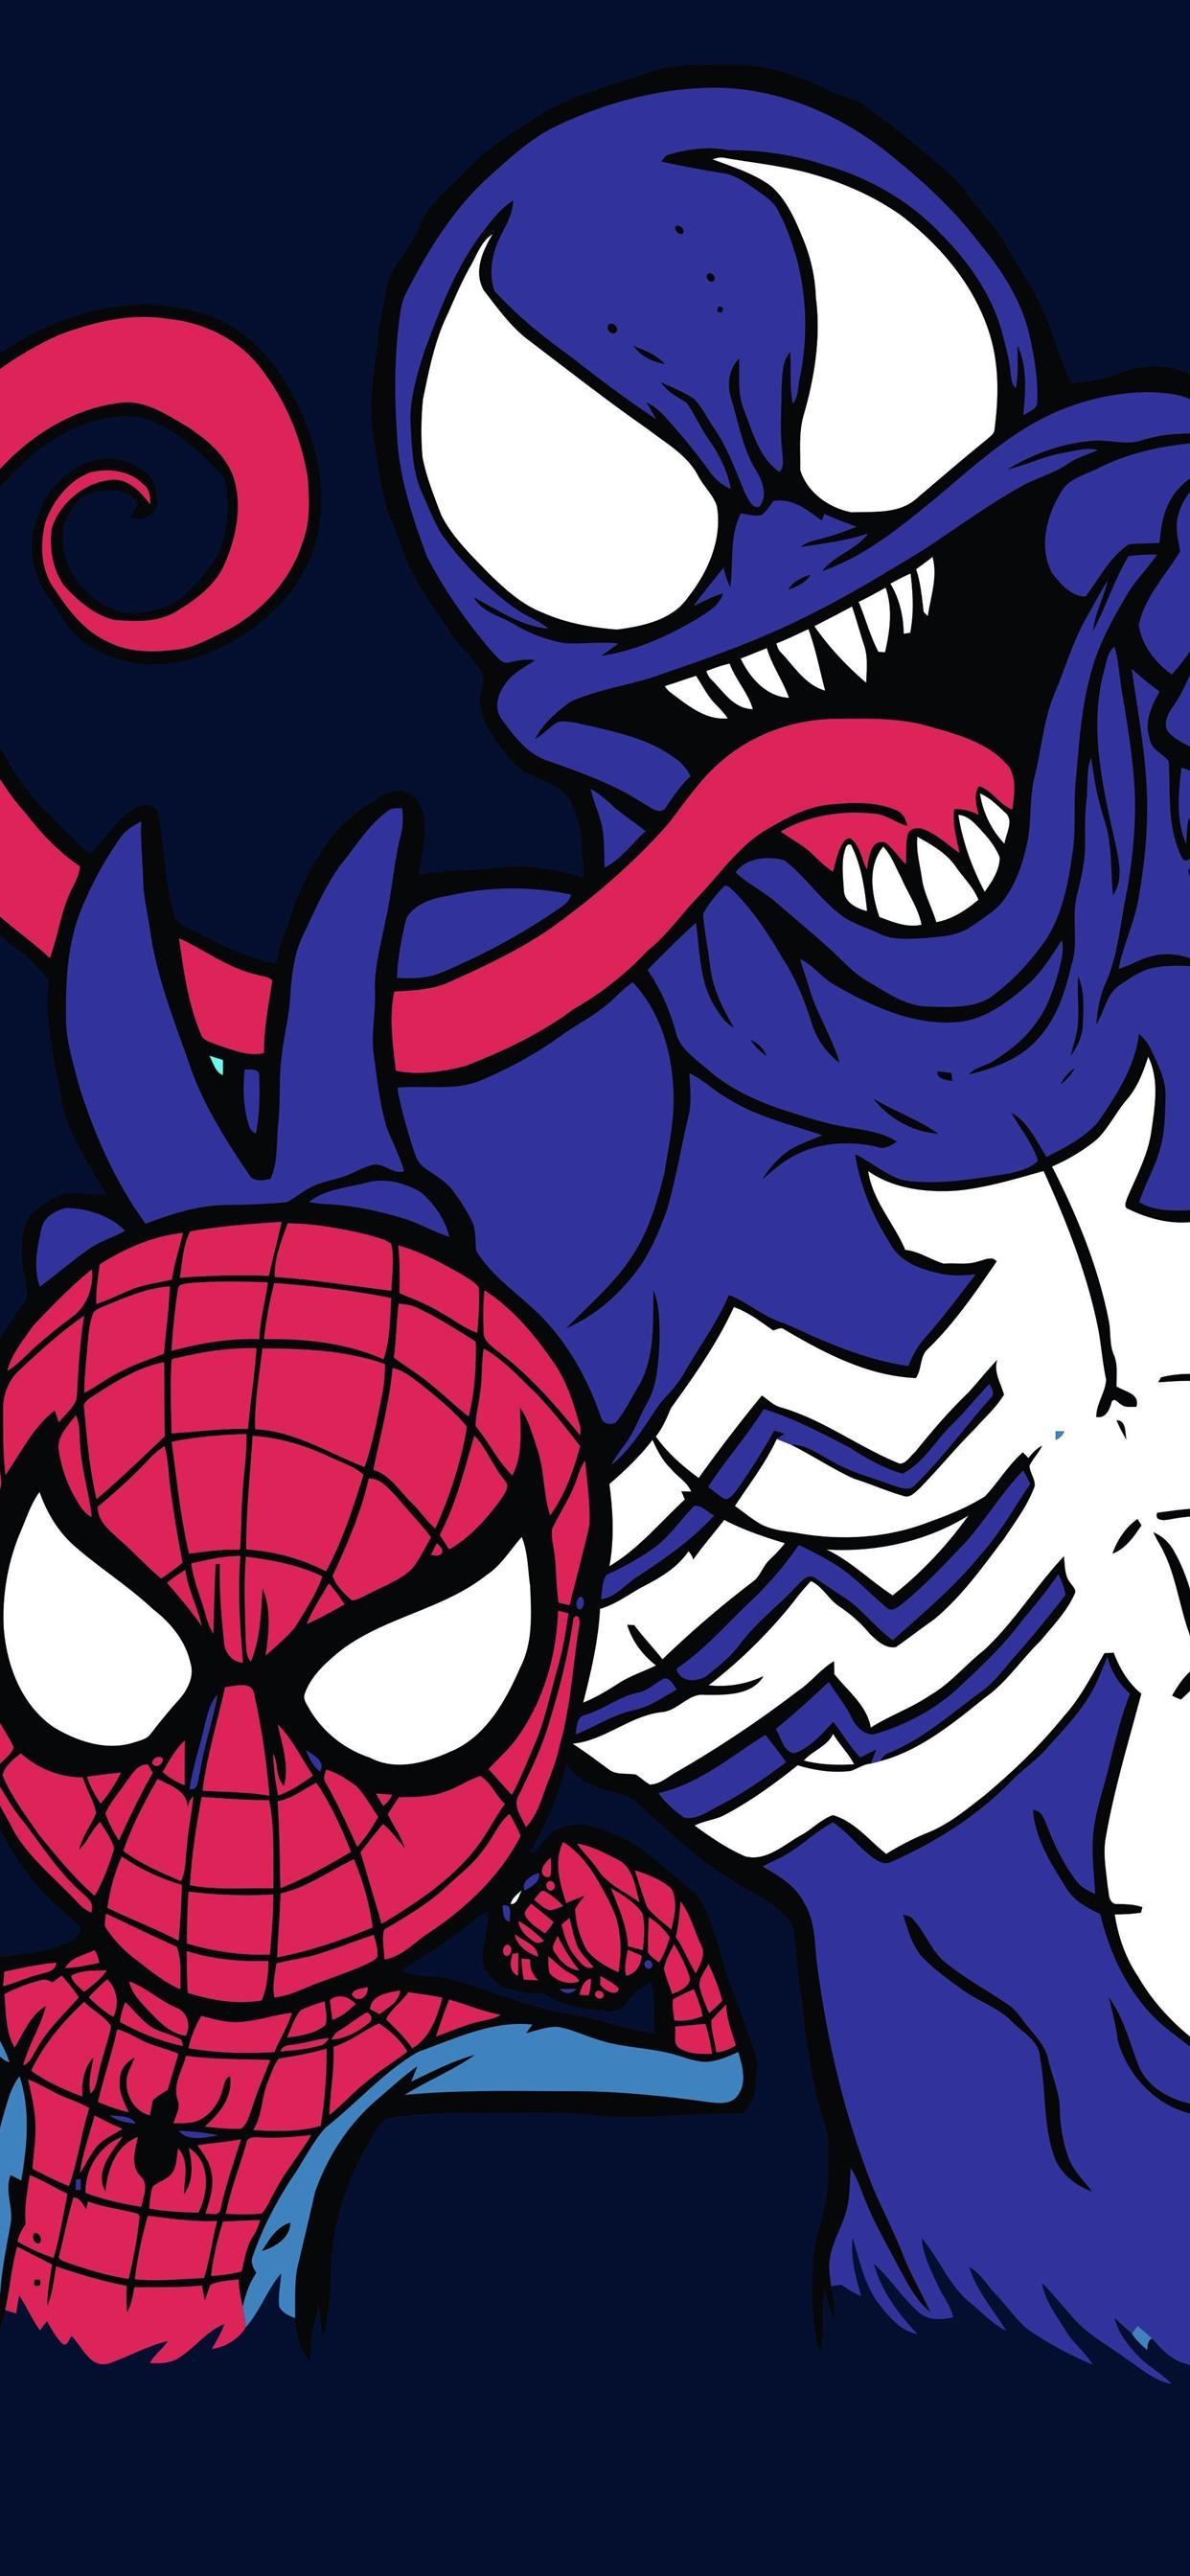 Spider Man And Venom Dc Comics 1242x2688 Iphone Xs Max Wallpaper